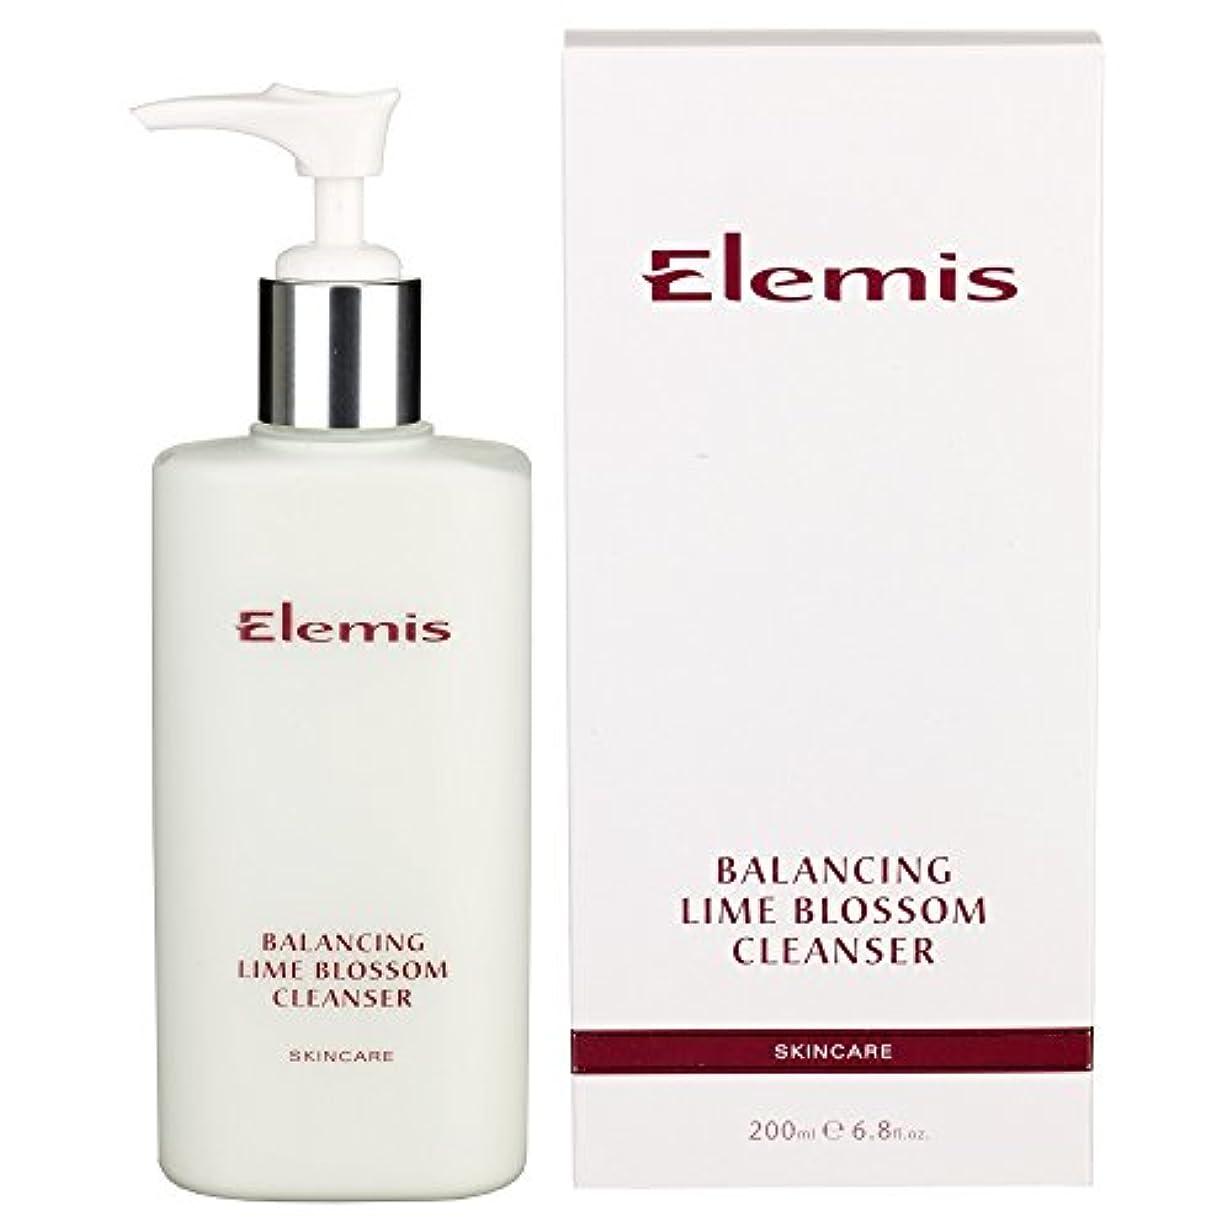 シャーロットブロンテどこ初期ライムブロッサムクレンザーのバランスをとります (Elemis) (x6) - Balancing Lime Blossom Cleanser (Pack of 6) [並行輸入品]